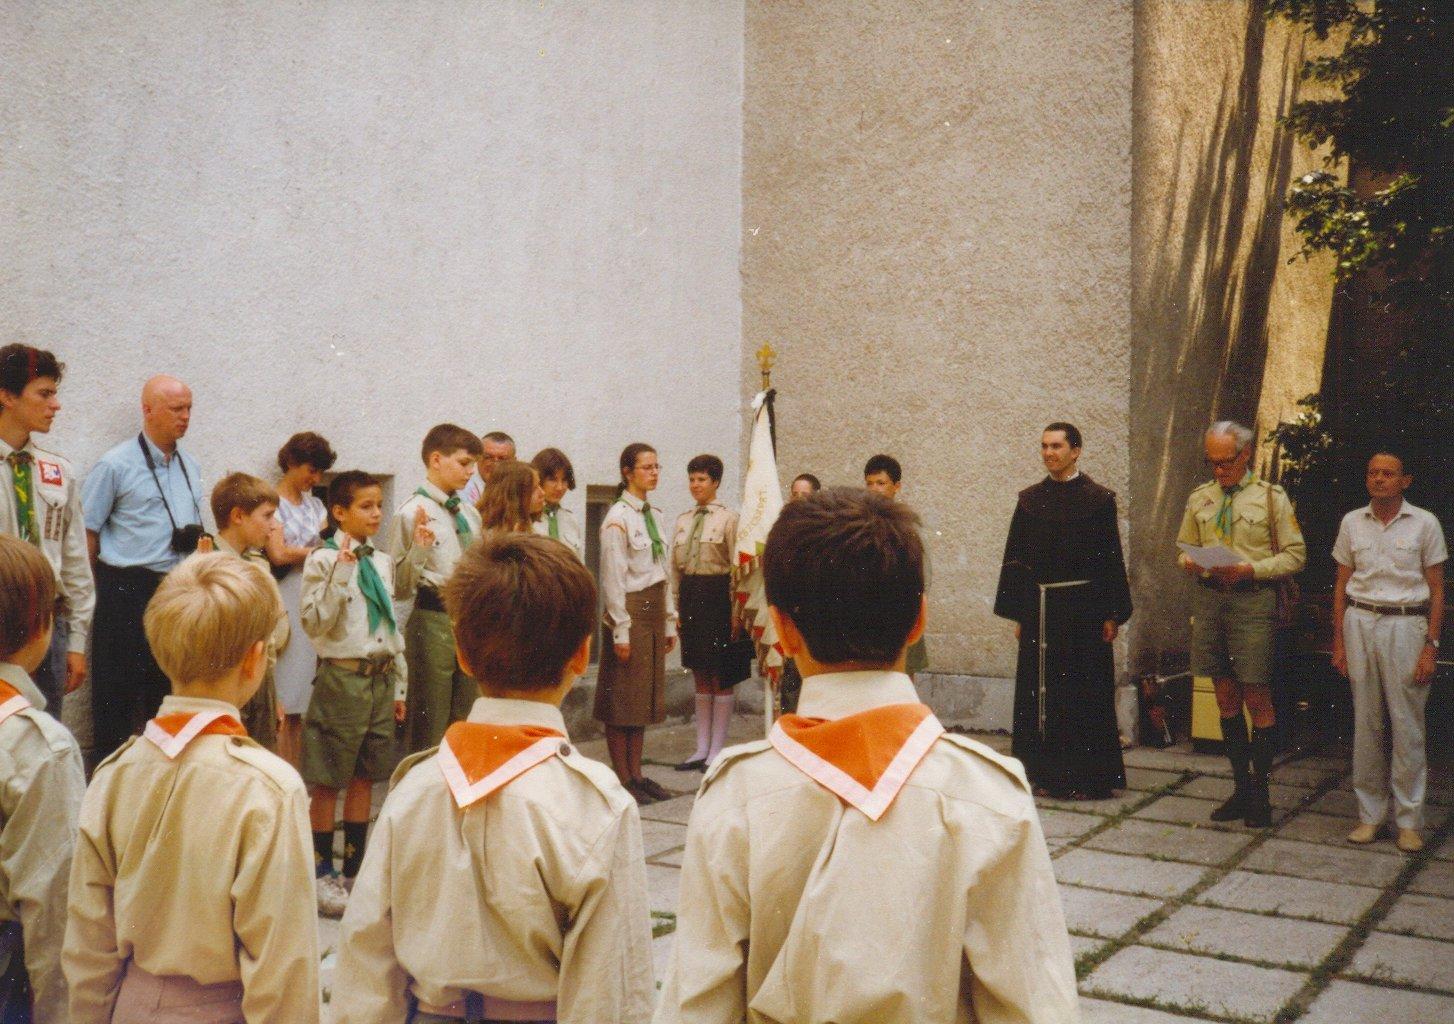 1996-os archív felvétel: fogadalomtétel a templomkertben